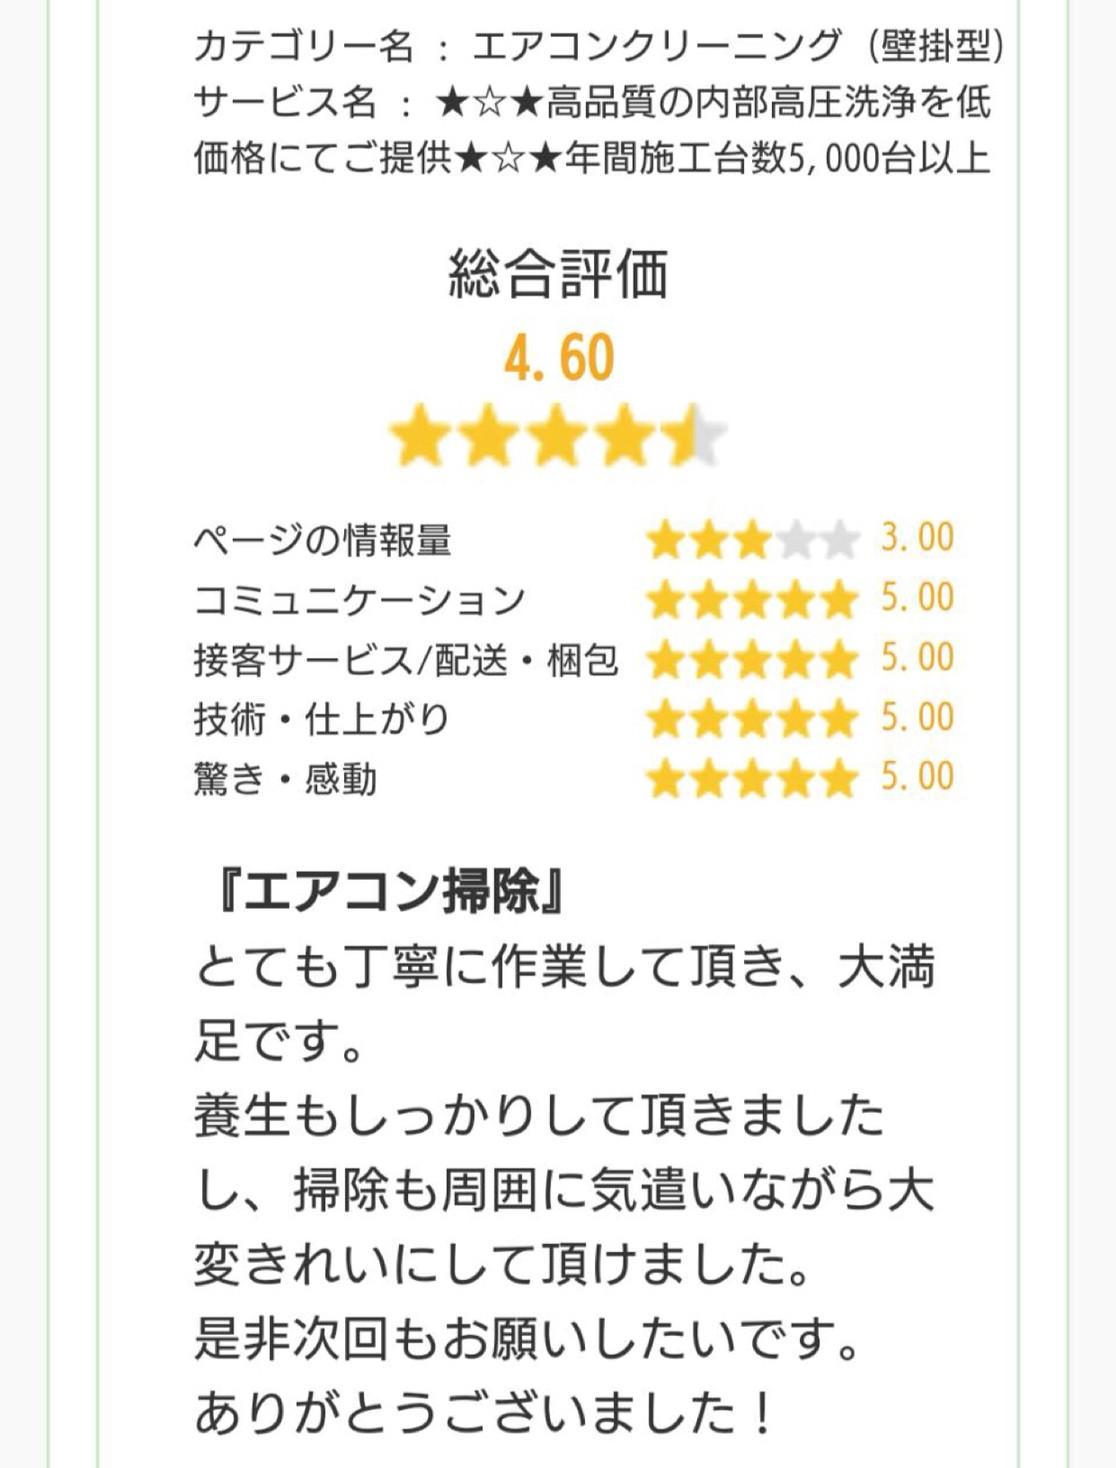 エアコンクリーニング 神奈川 安い